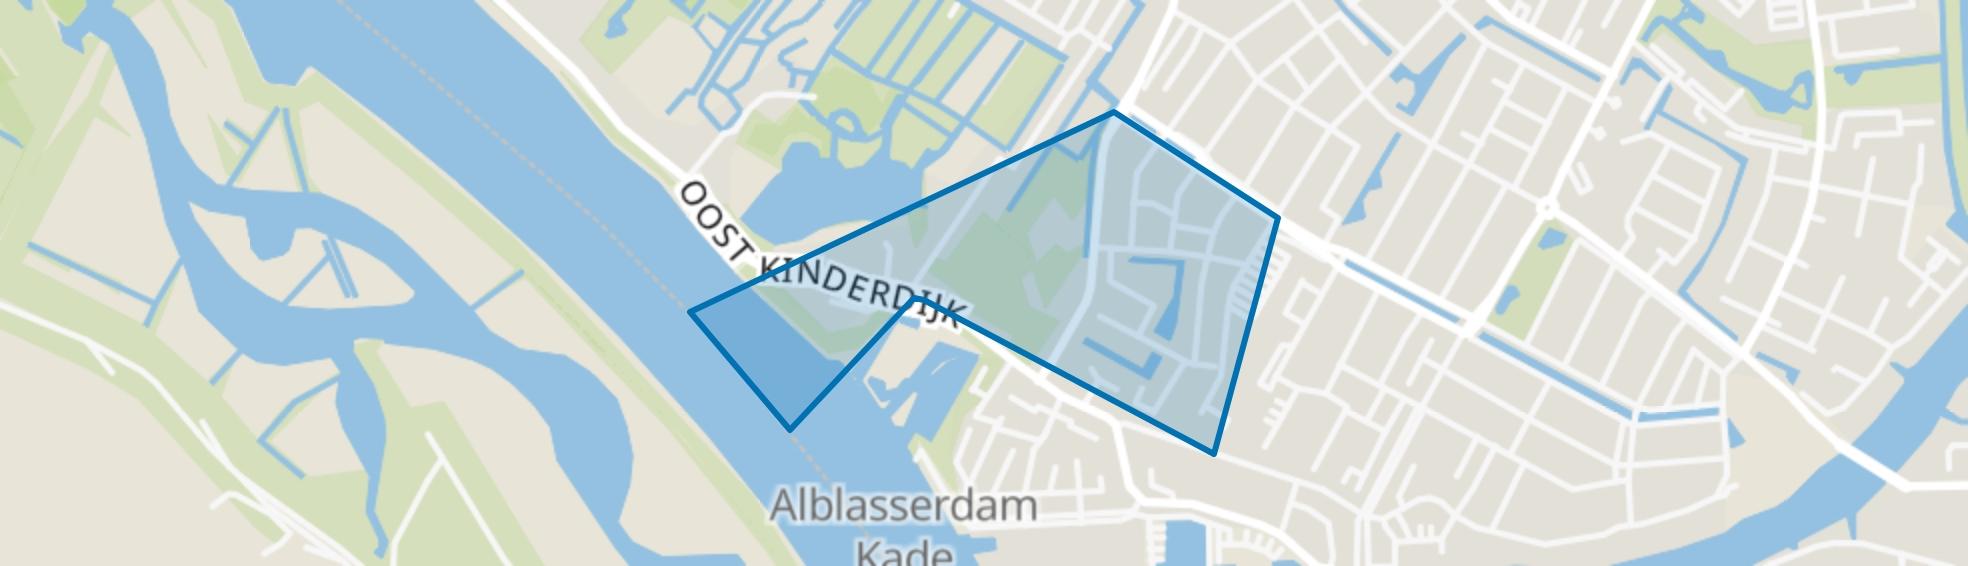 Cortgene, Alblasserdam map